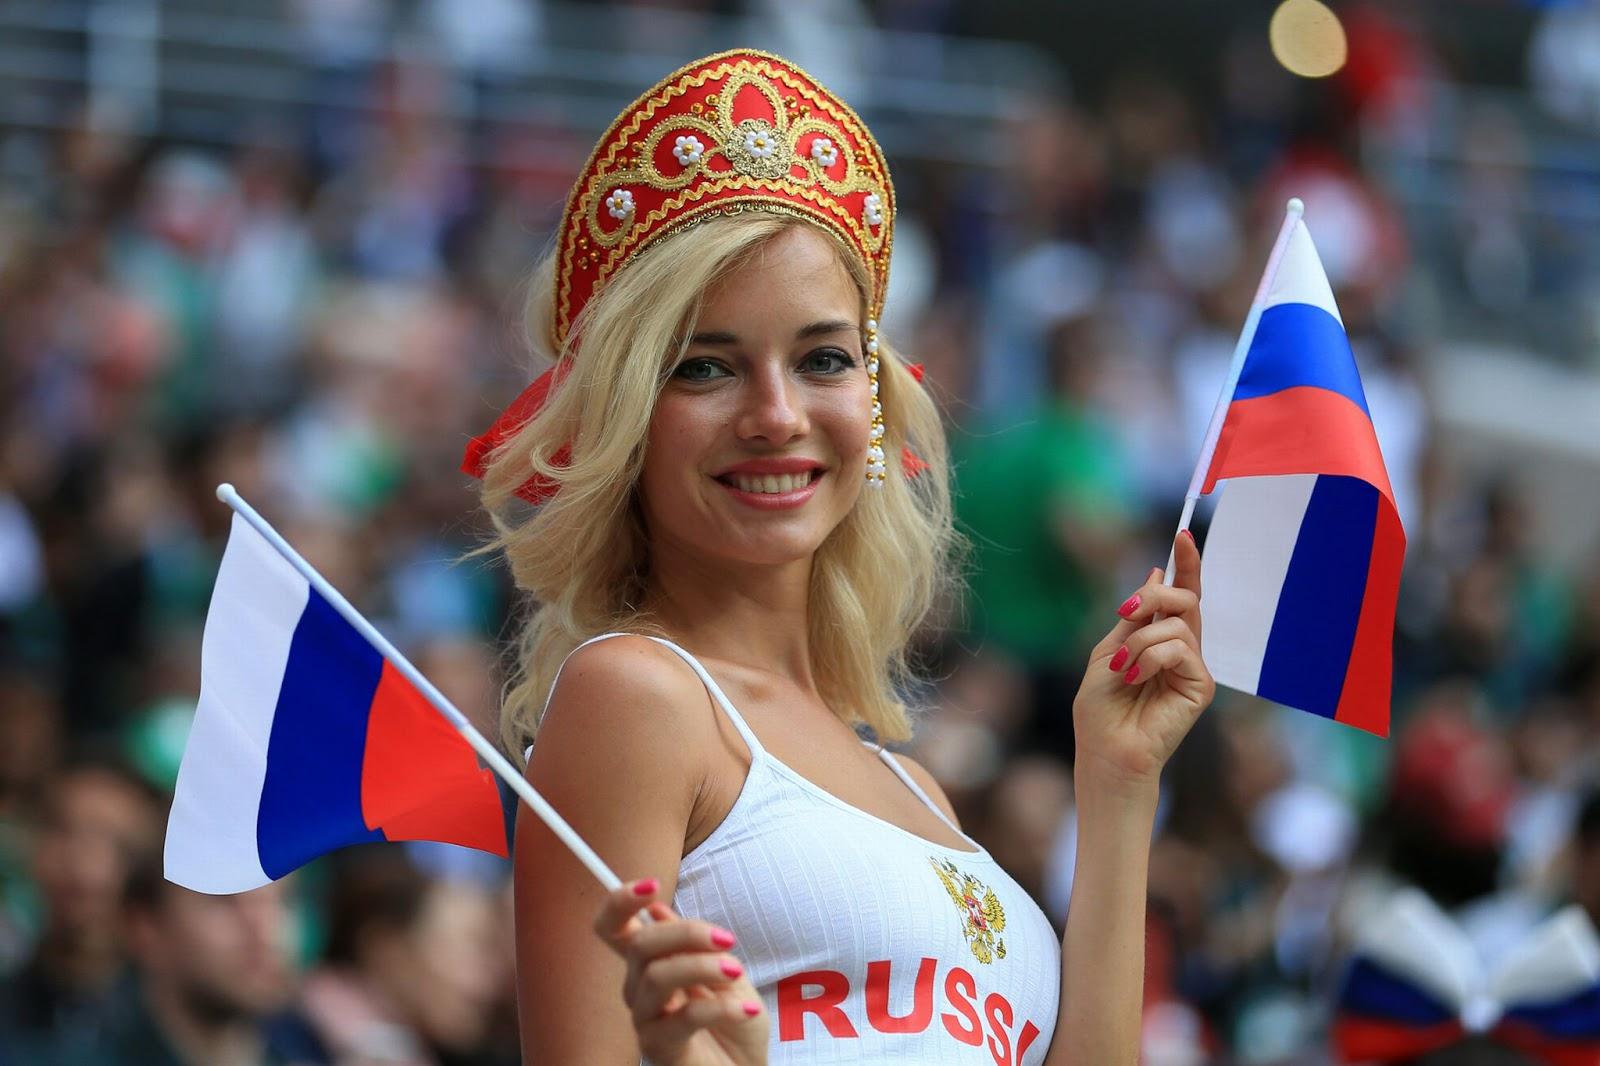 Gini Nih 7 Pesona Delillah G, Suporter Seksi Rusia yang Ternyata  Begini Aksi Suporter Seksi 10 Negara Peserta Piala Dunia 2018